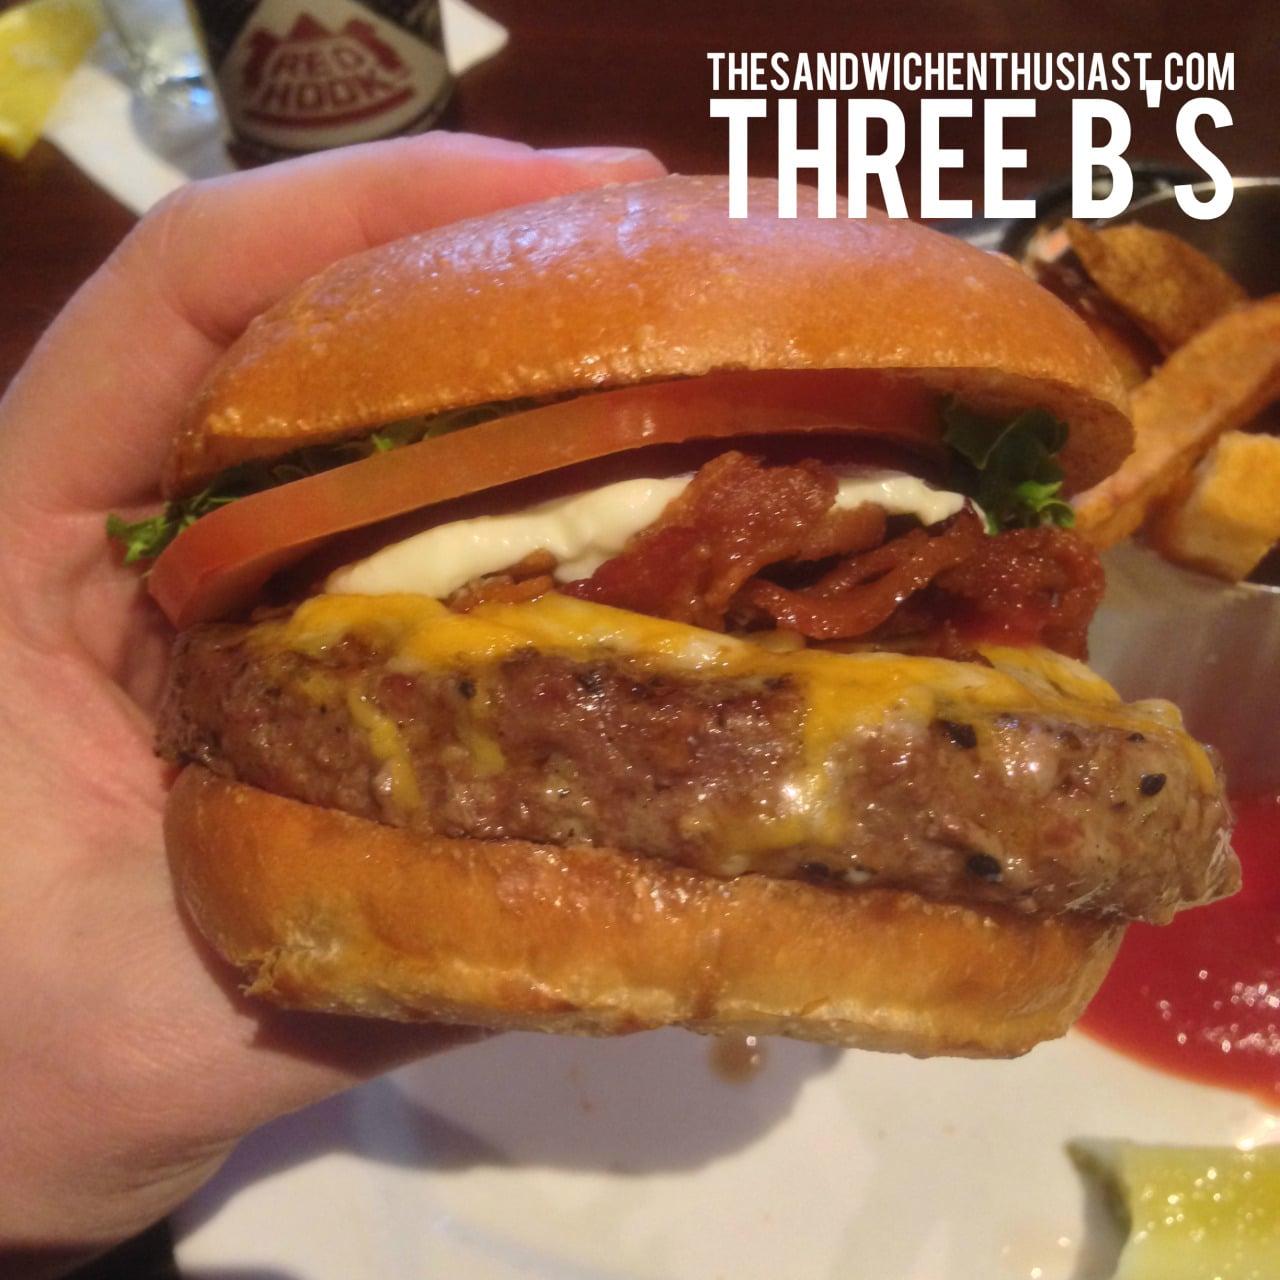 ThreeBs